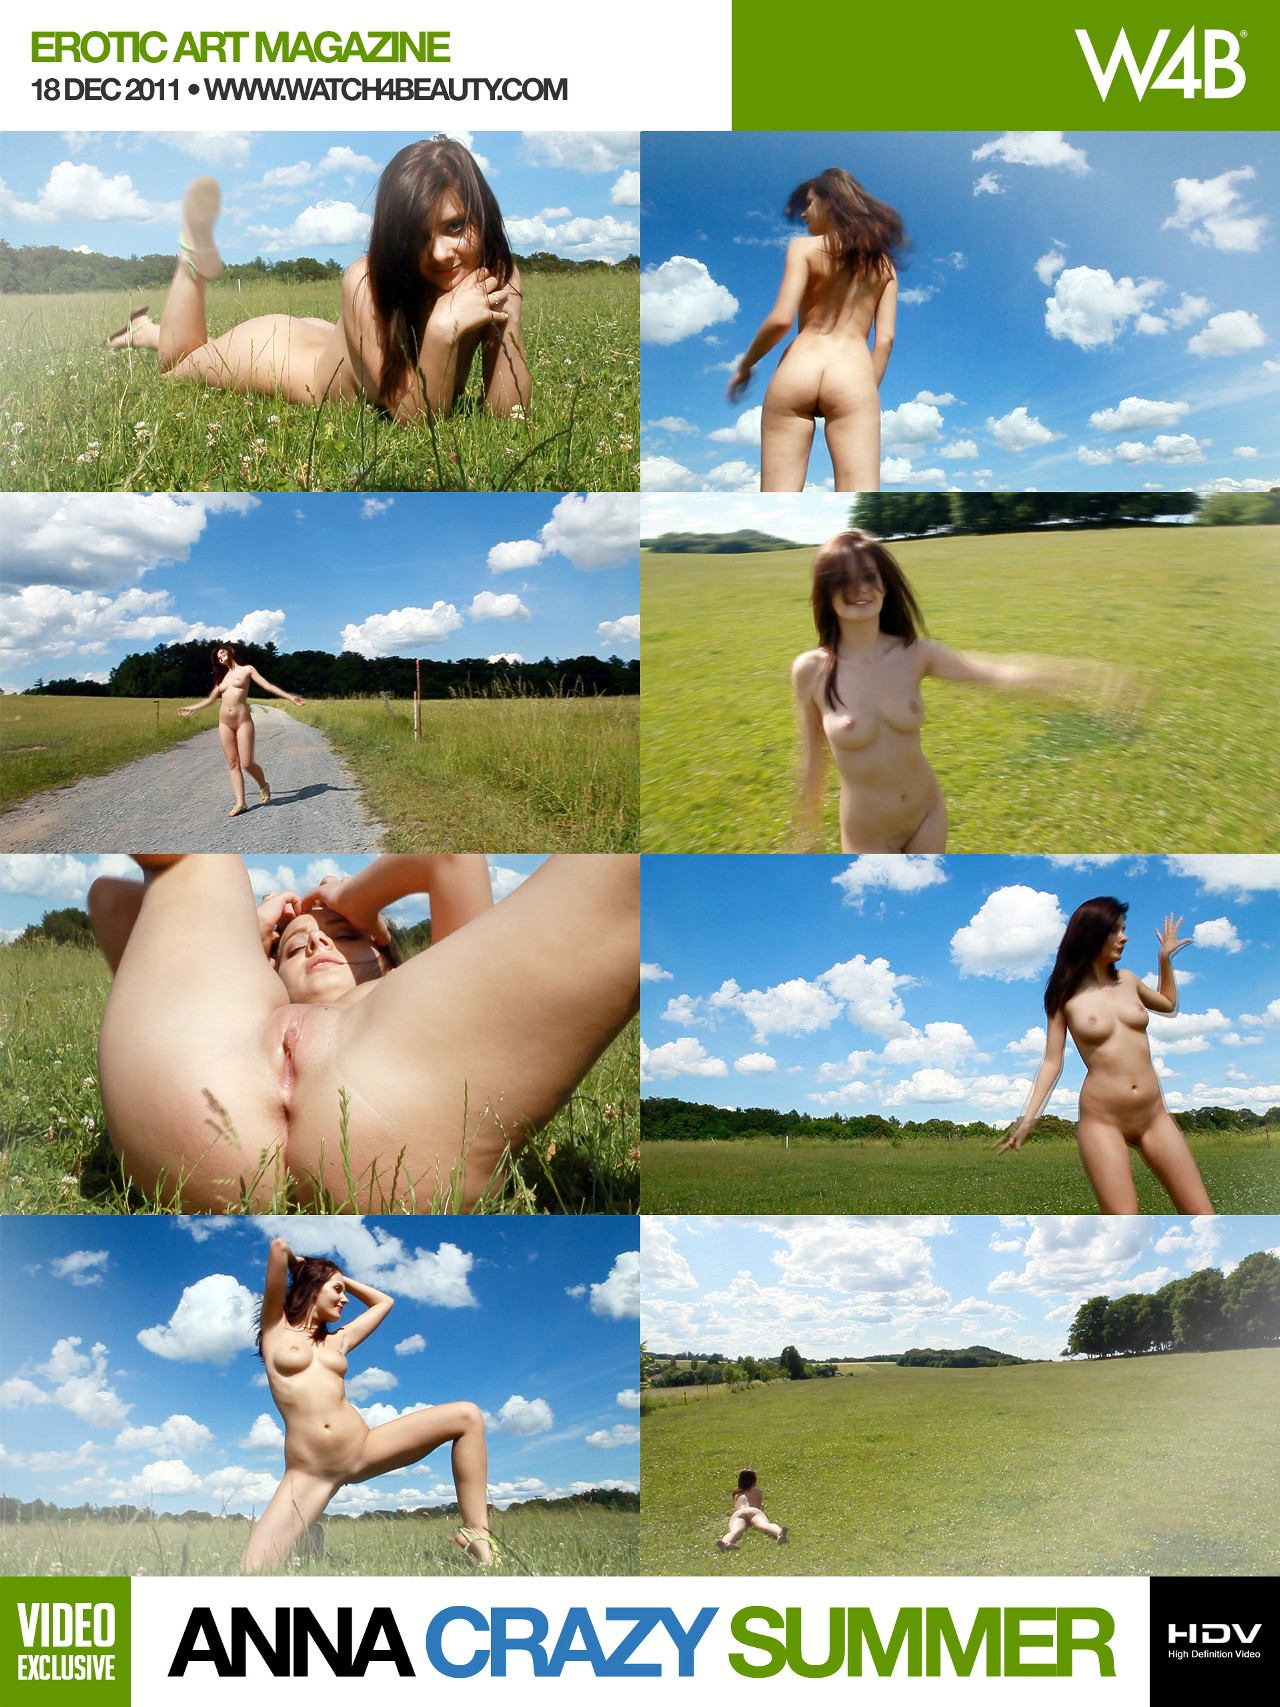 Anna: Crazy summer afternoon